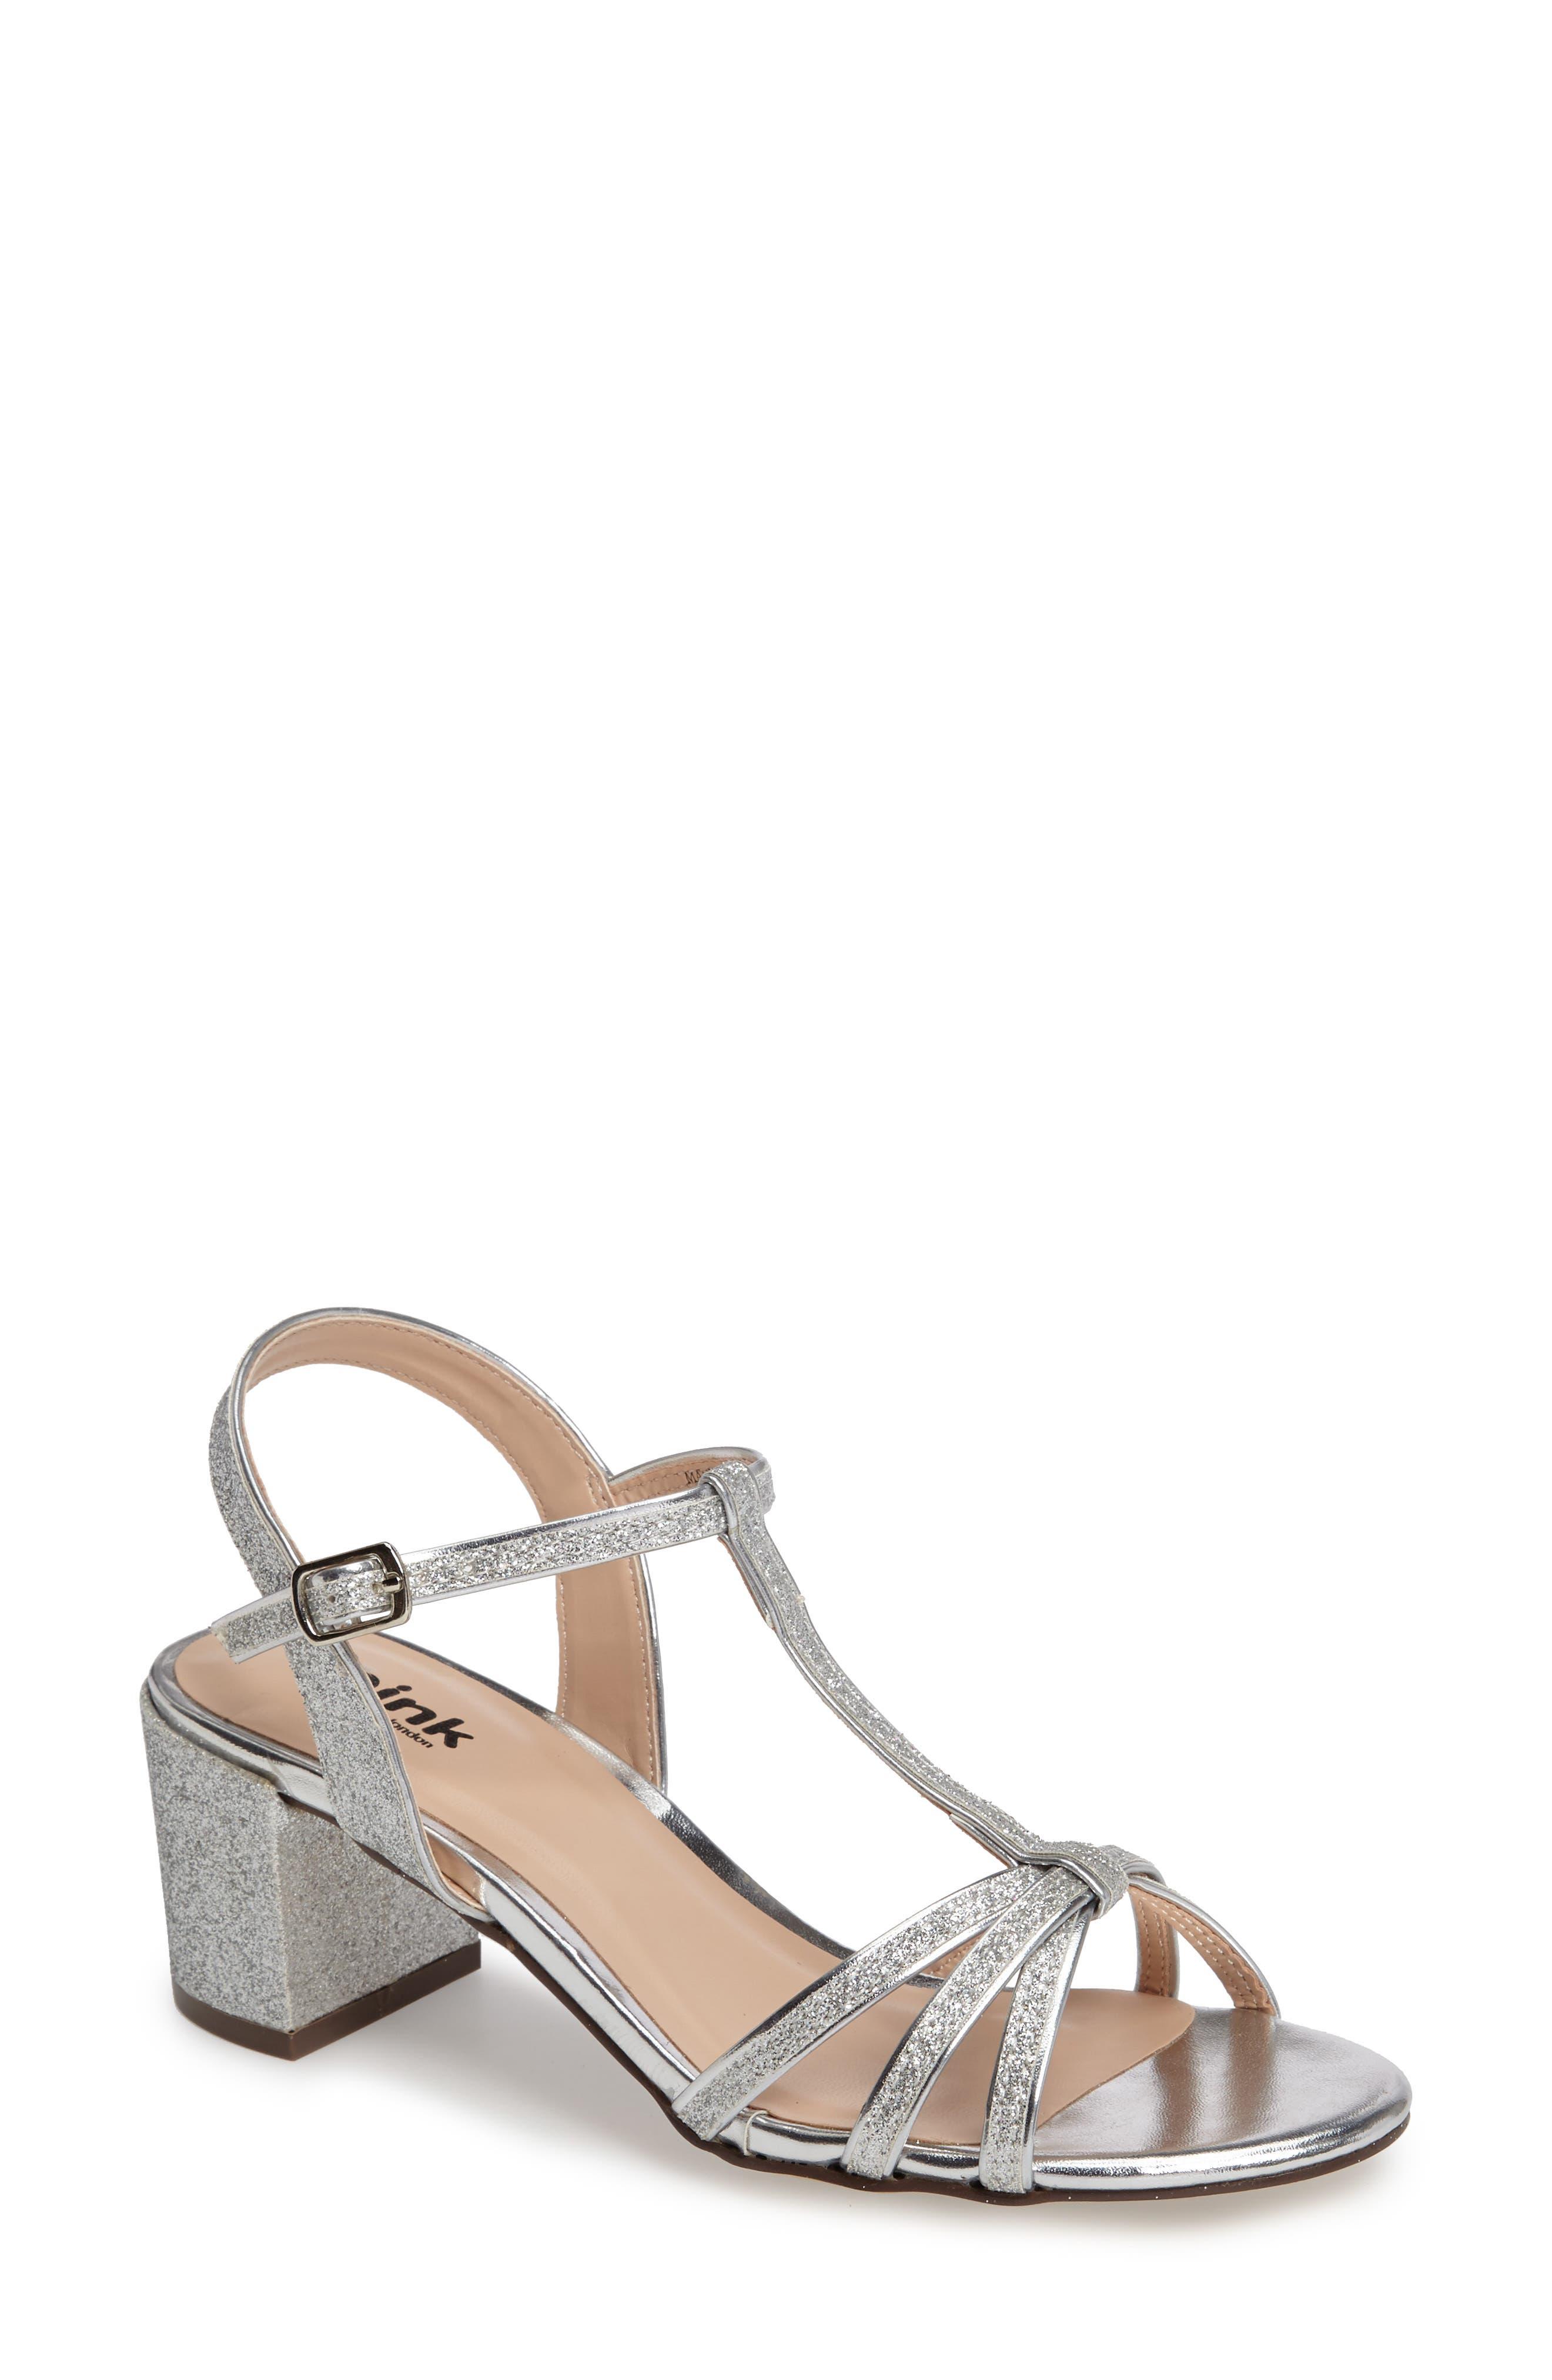 Sadie T-Strap Sandal,                         Main,                         color, 040